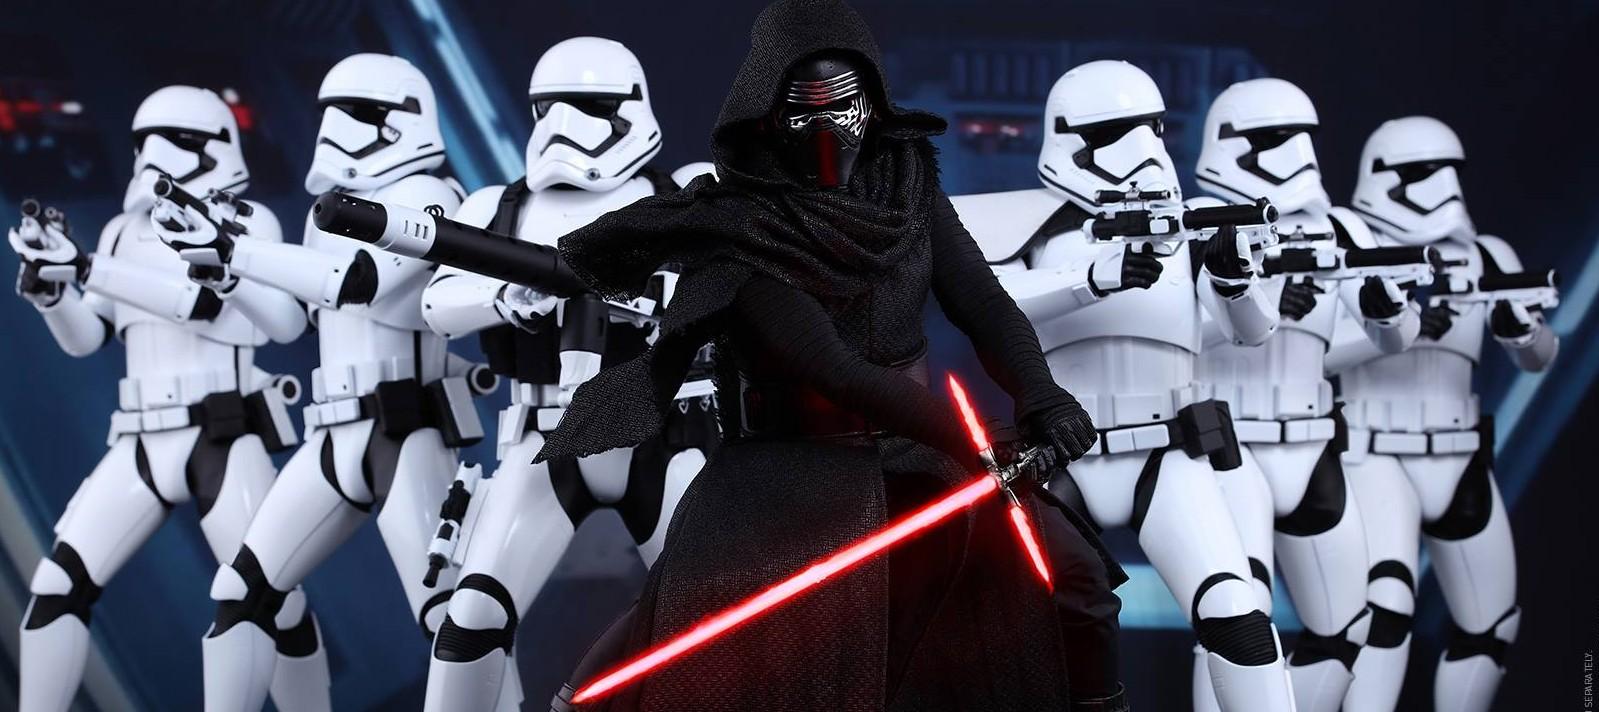 Le point Goodies: Star Wars 7, la chasse est ouverte…